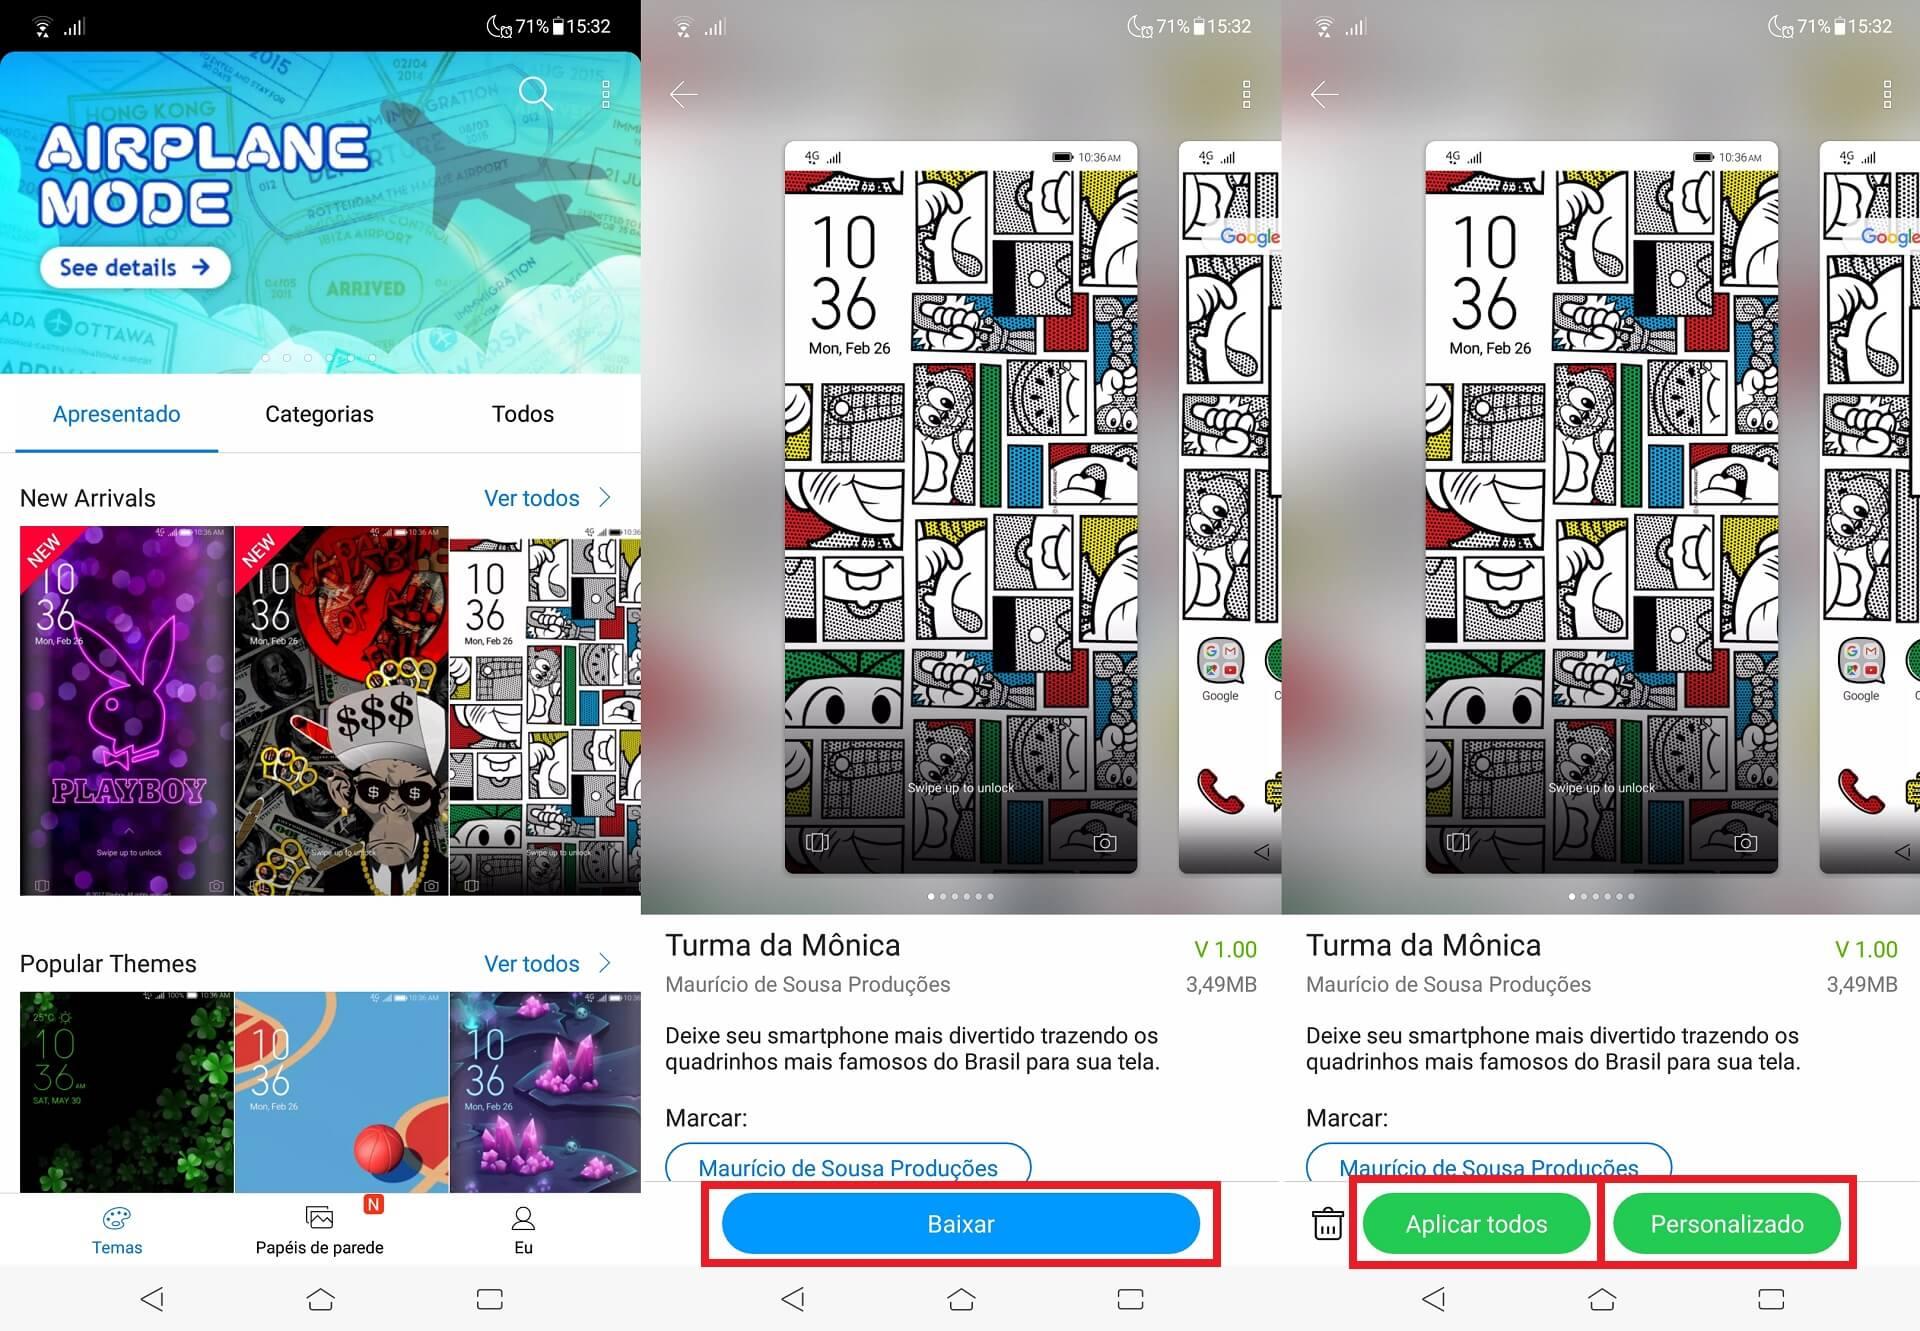 Confira 25 dicas e truques para os Asus Zenfone 5 e Zenfone 5Z